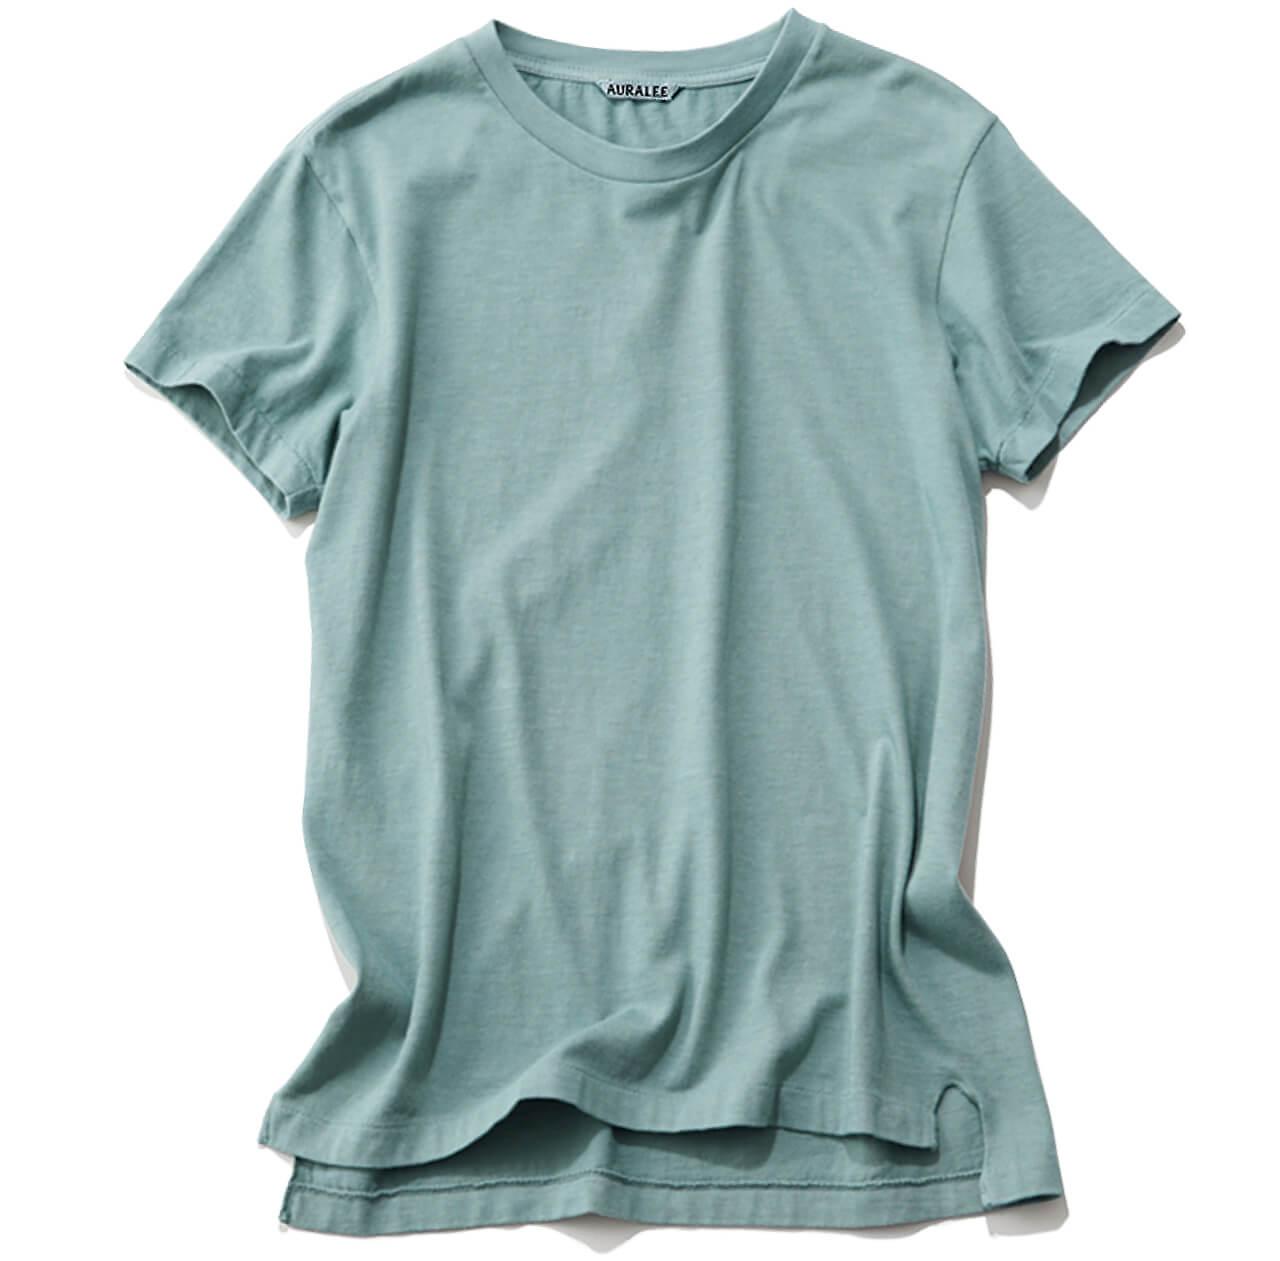 カラーTシャツ¥8250/オーラリー